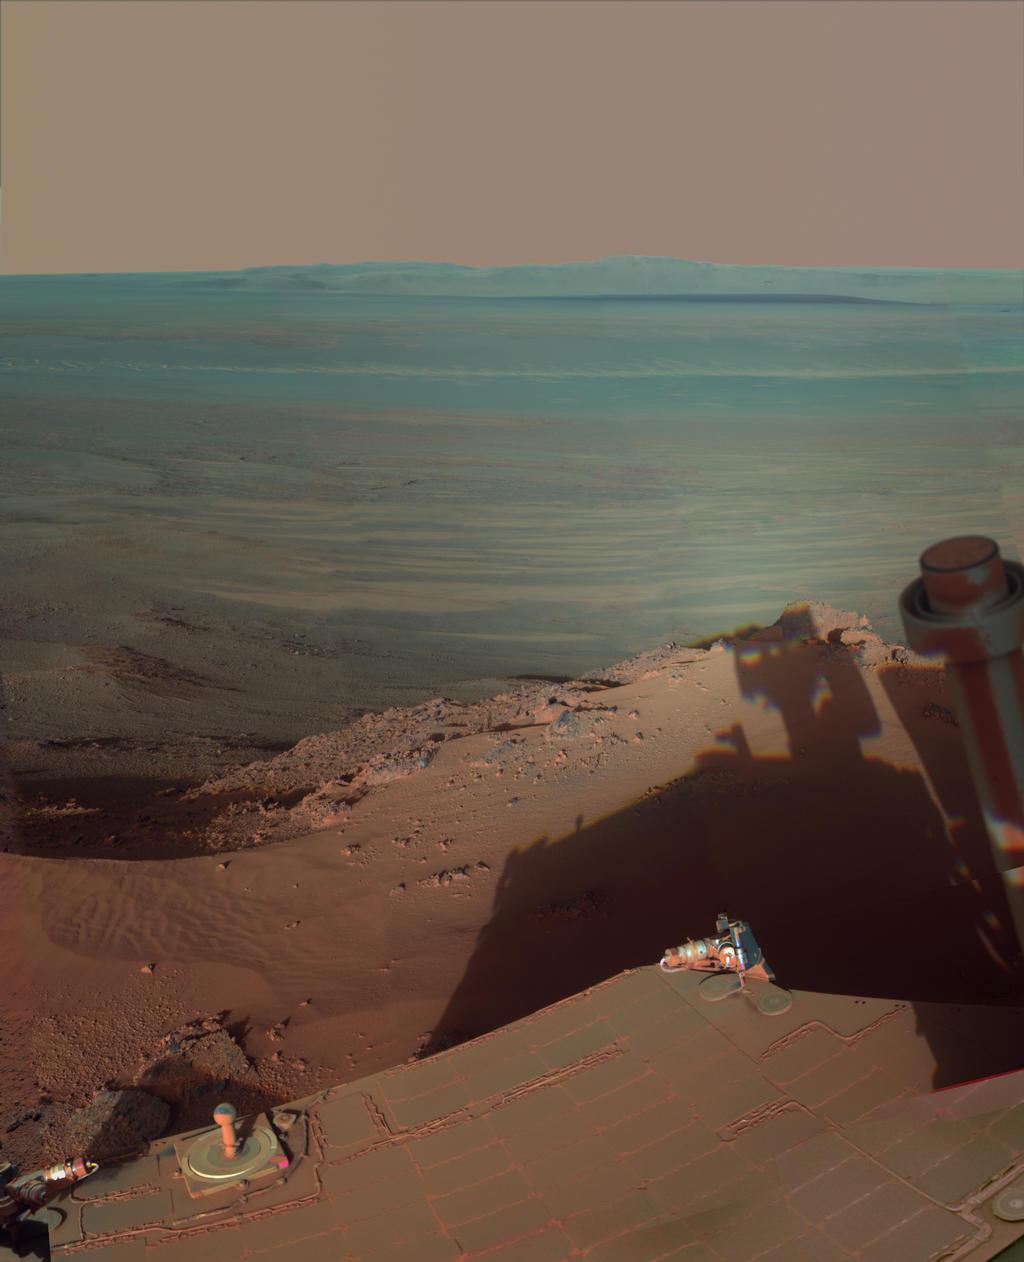 da NASA Mars Rover Opportunity pega sua própria sombra de fim de tarde nesta vista dramaticamente iluminado leste através Endeavour cratera em Marte.